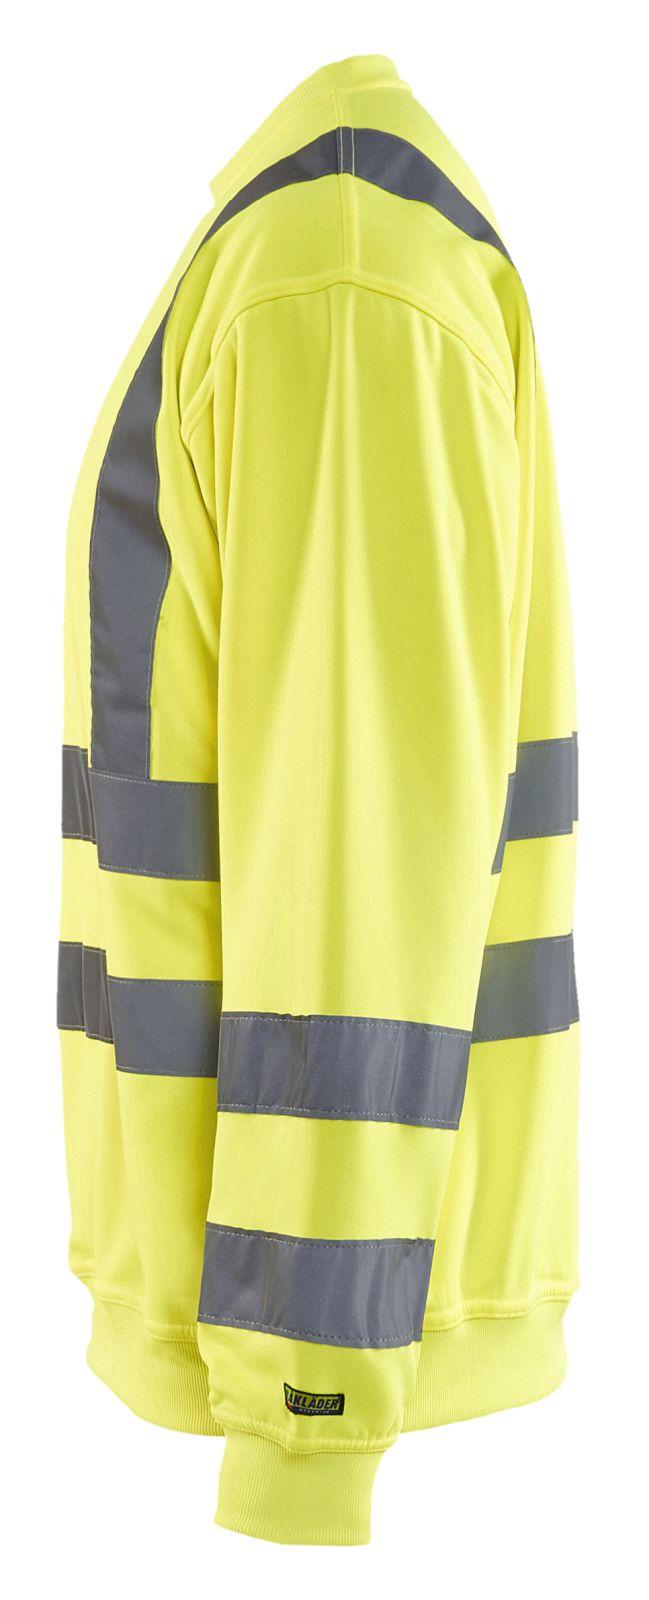 Blaklader Truien 33411974 High Vis fluo-geel(3300)